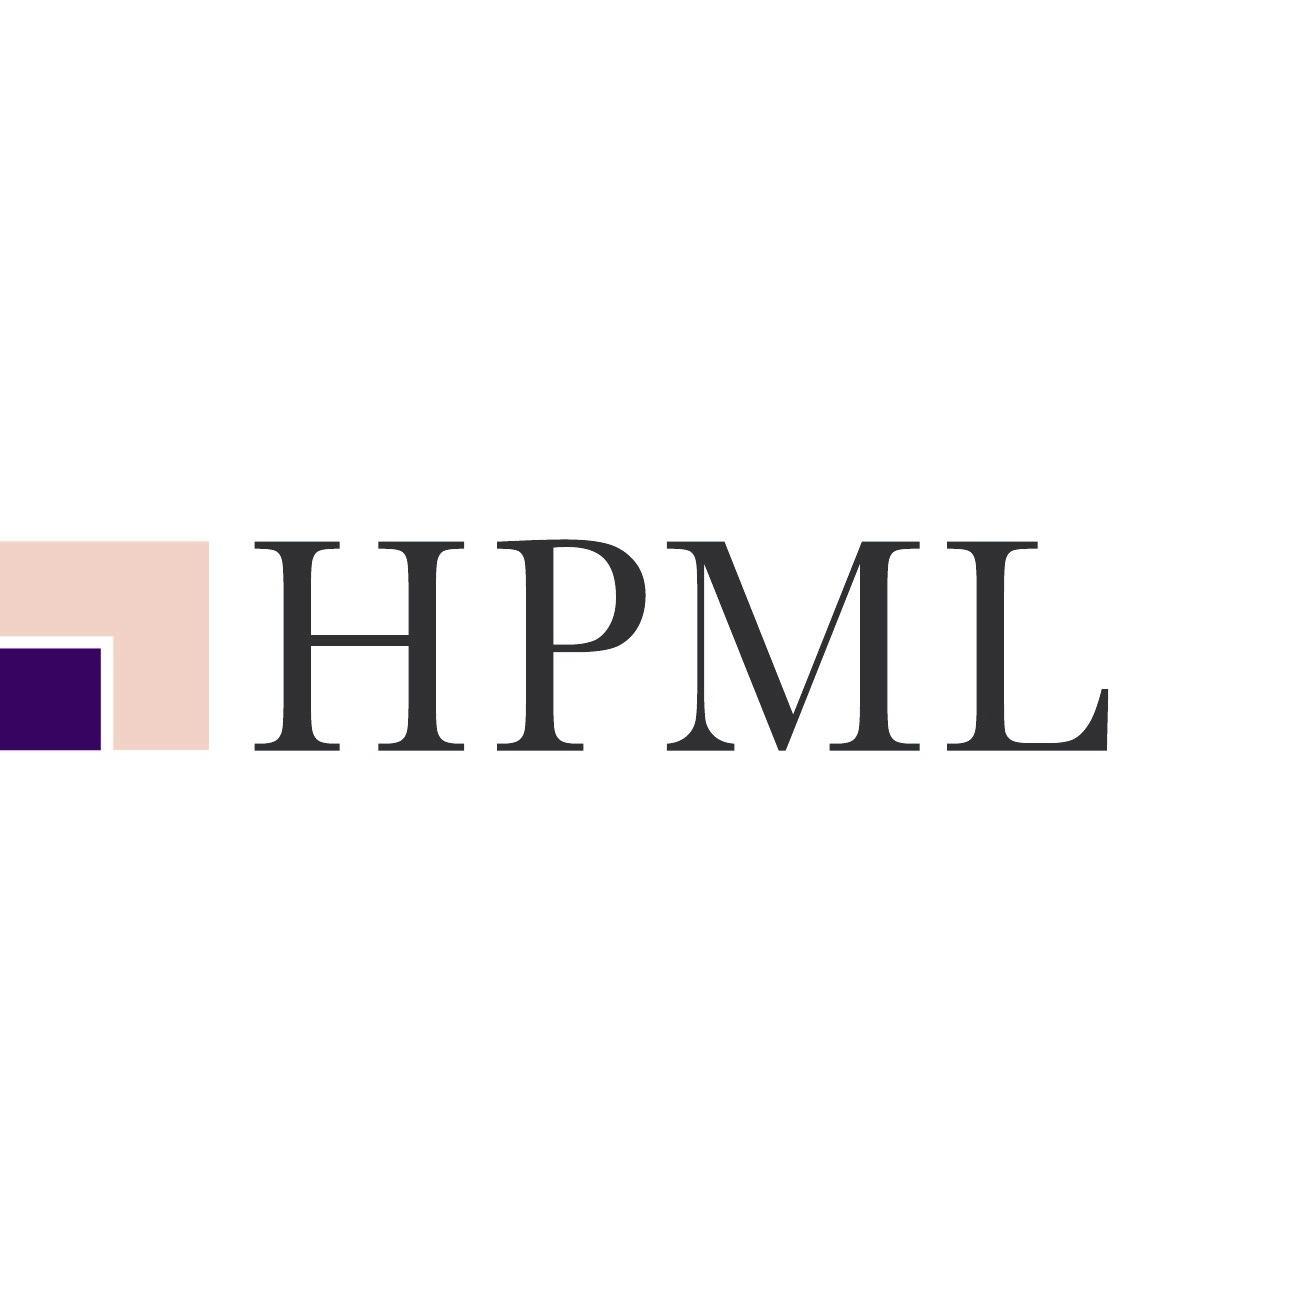 the HPML logo.